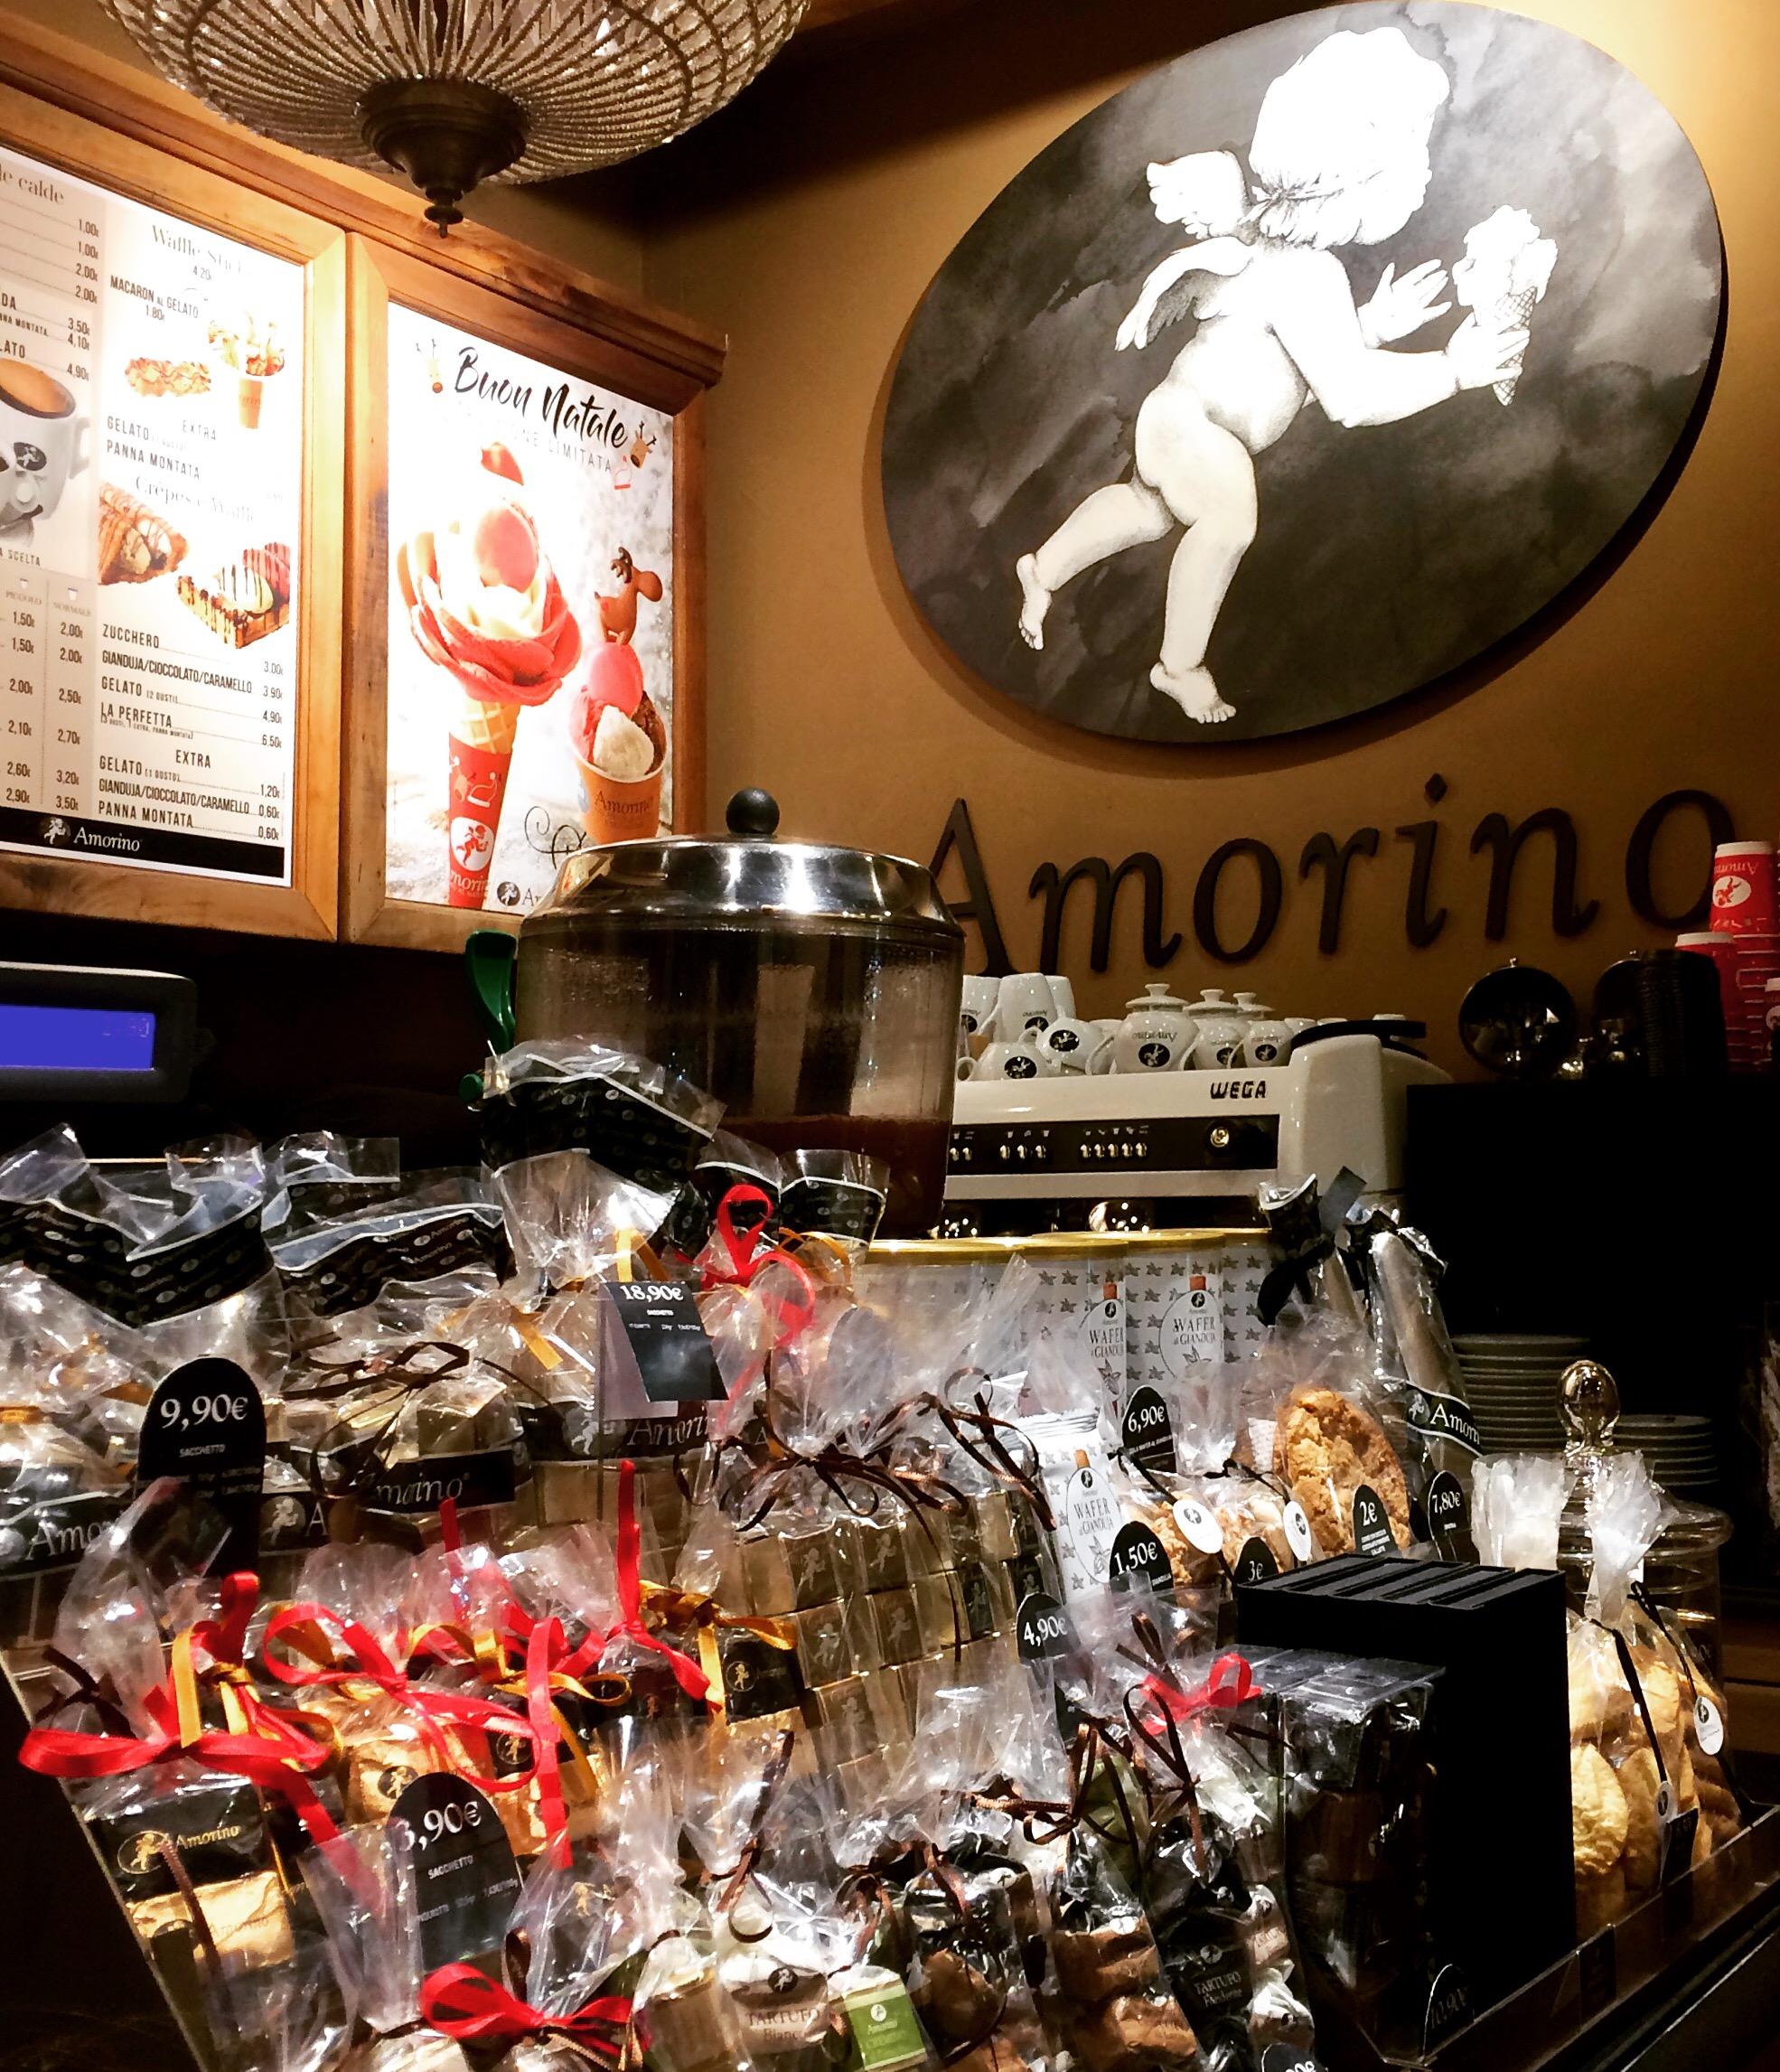 amorino-ice-cream.JPG